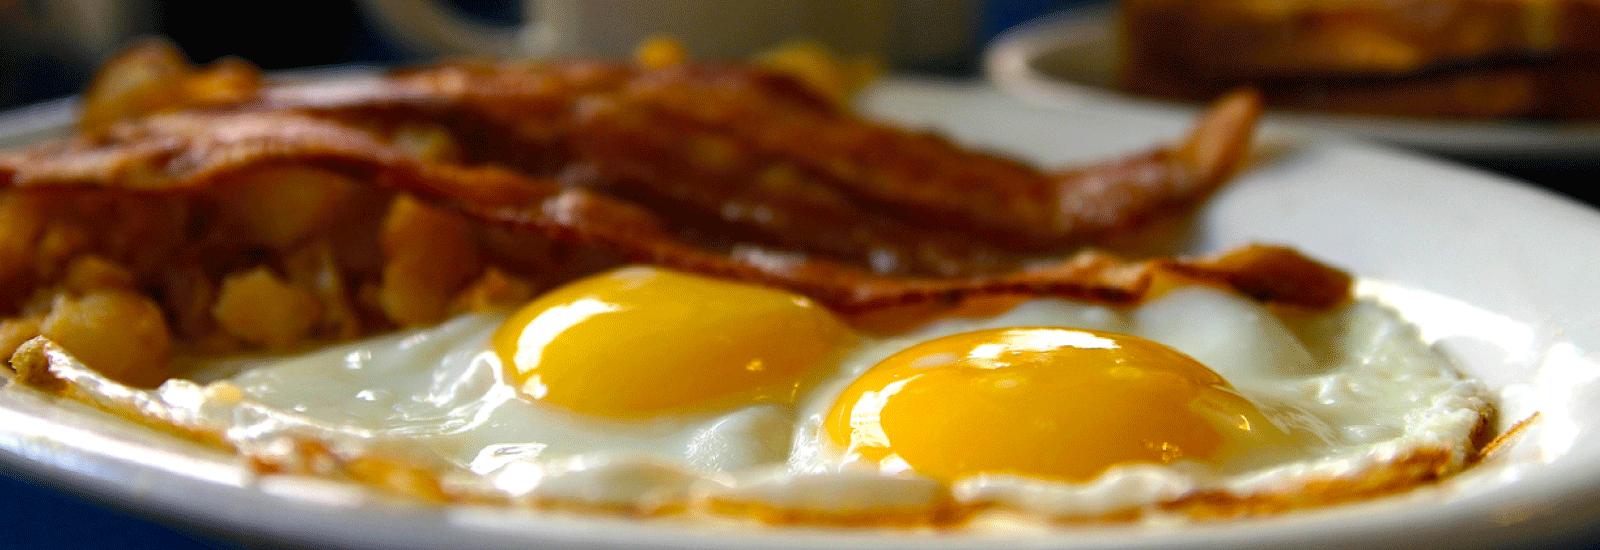 Breakfast Places Near Eielson AFB